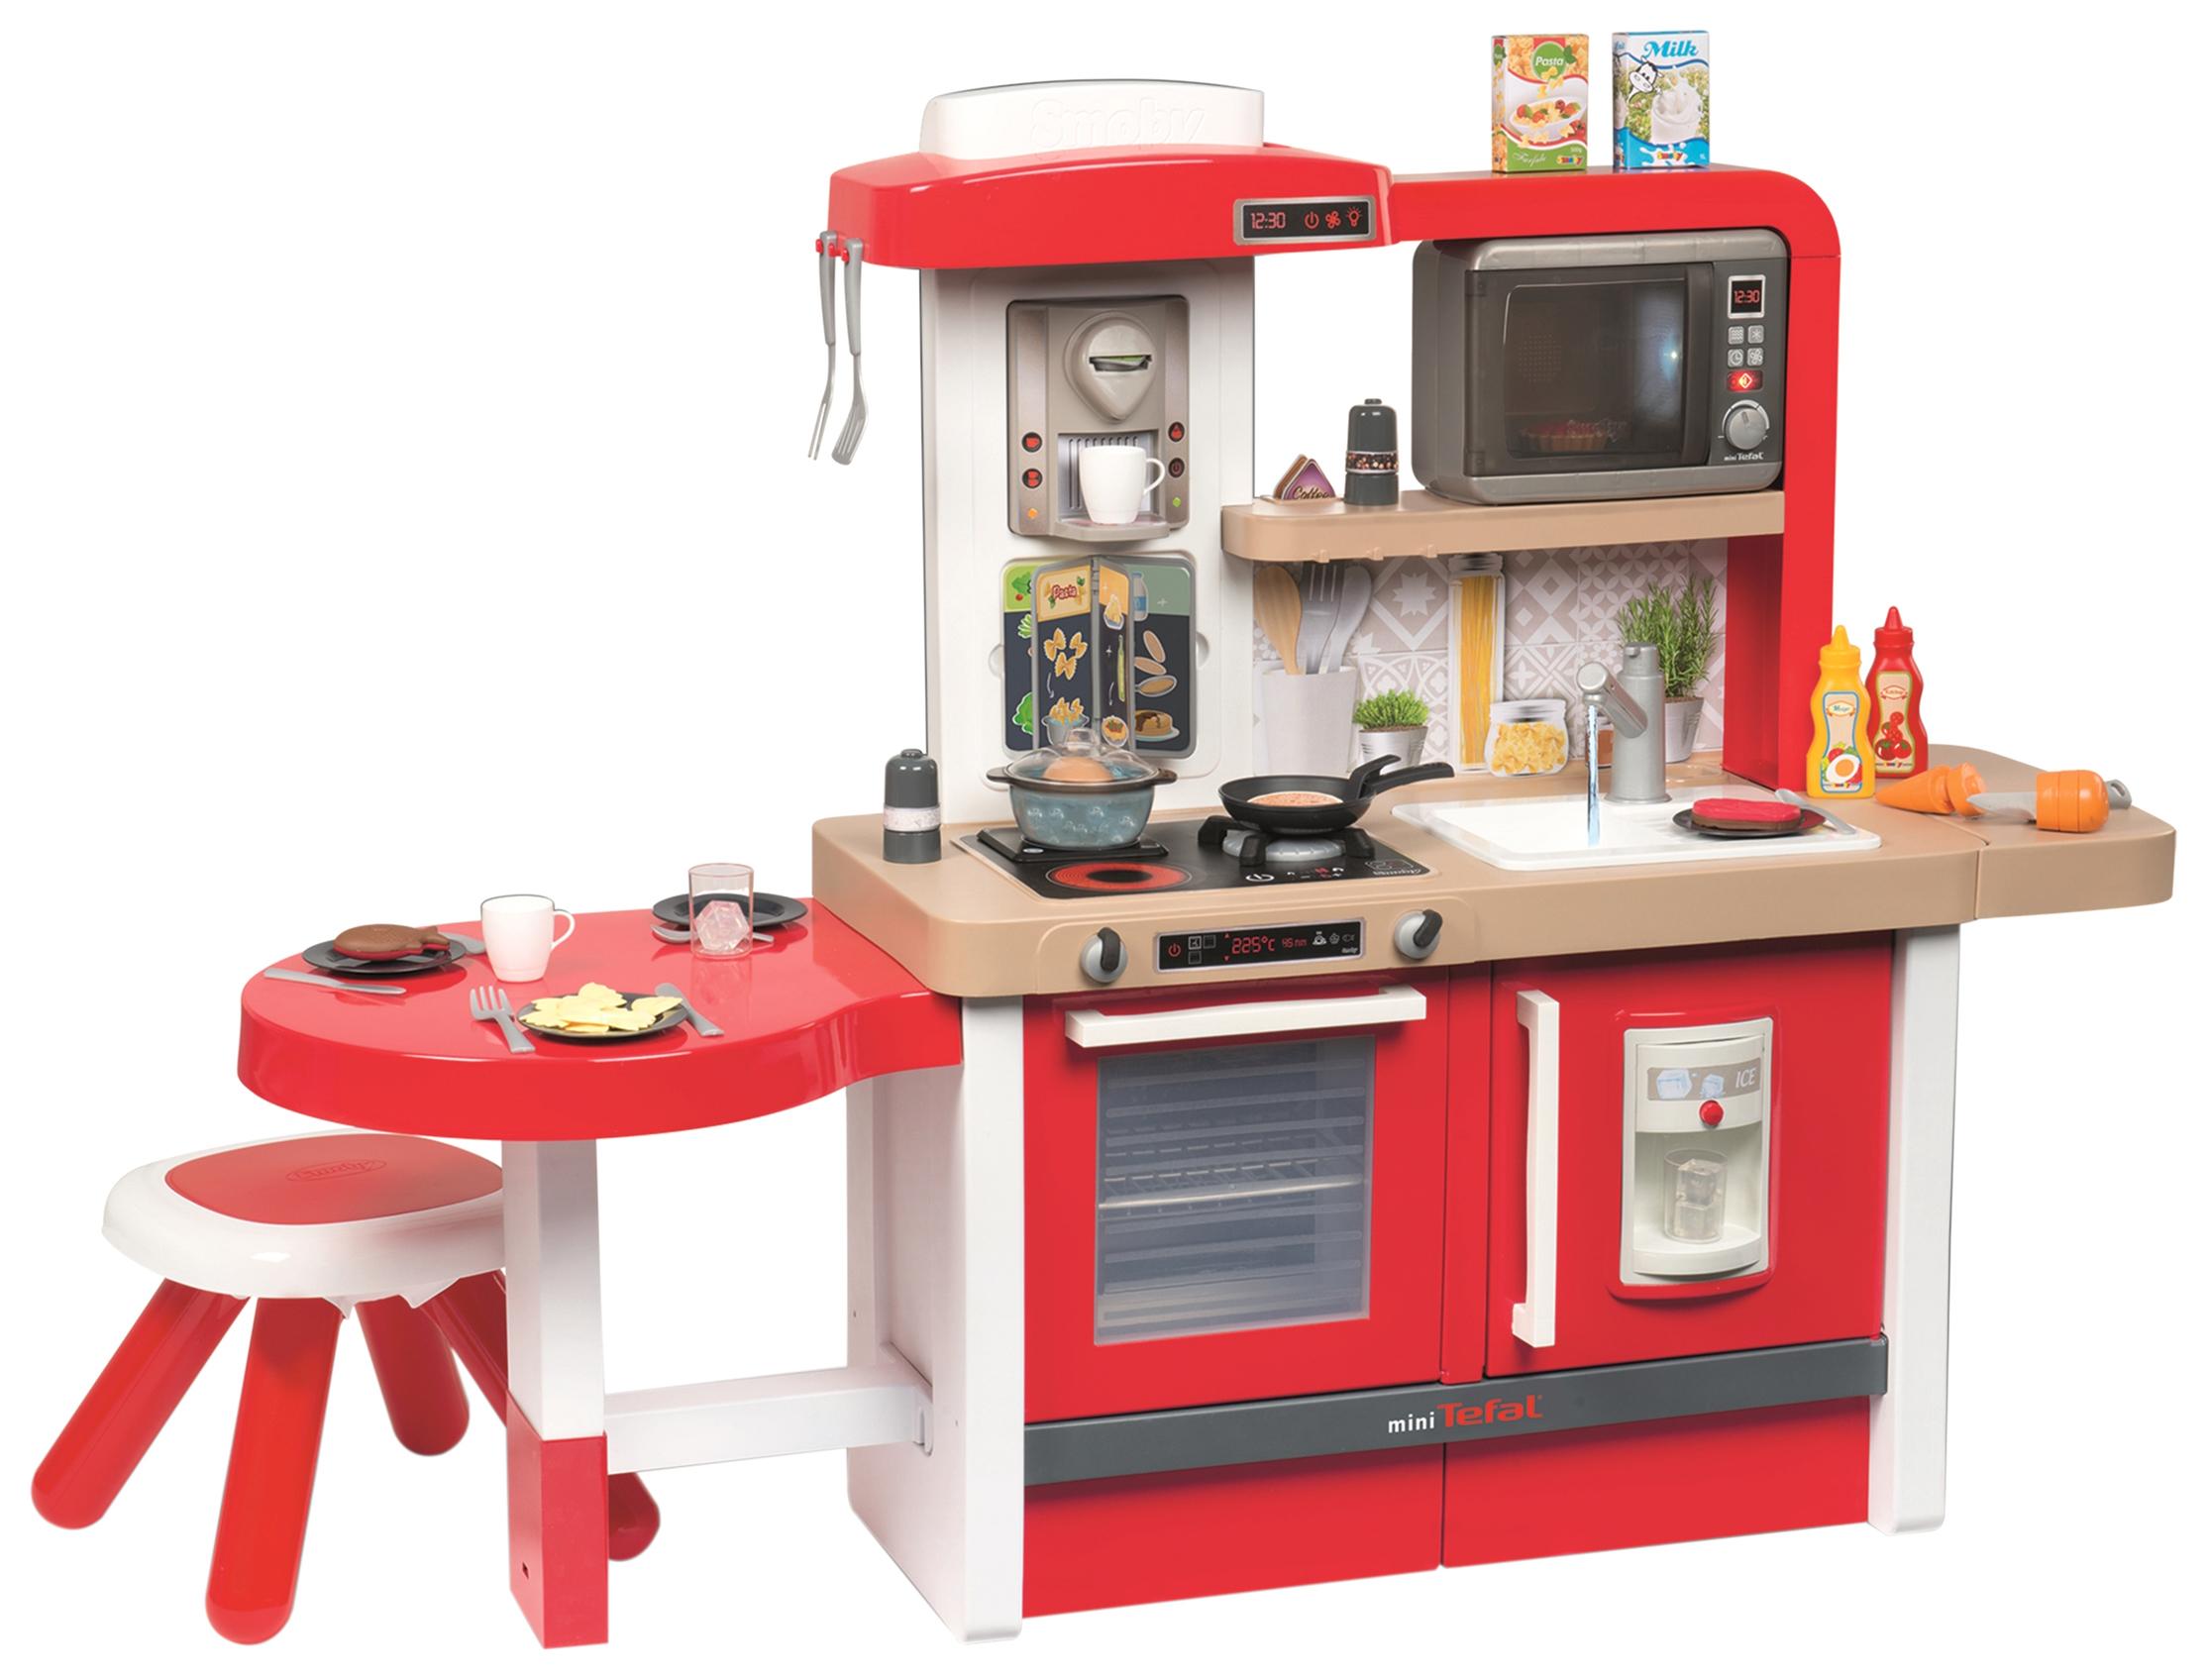 Купить Кухня детская Smoby Tefal Evolutive SM312302 134 см 43 предмета, Детская кухня